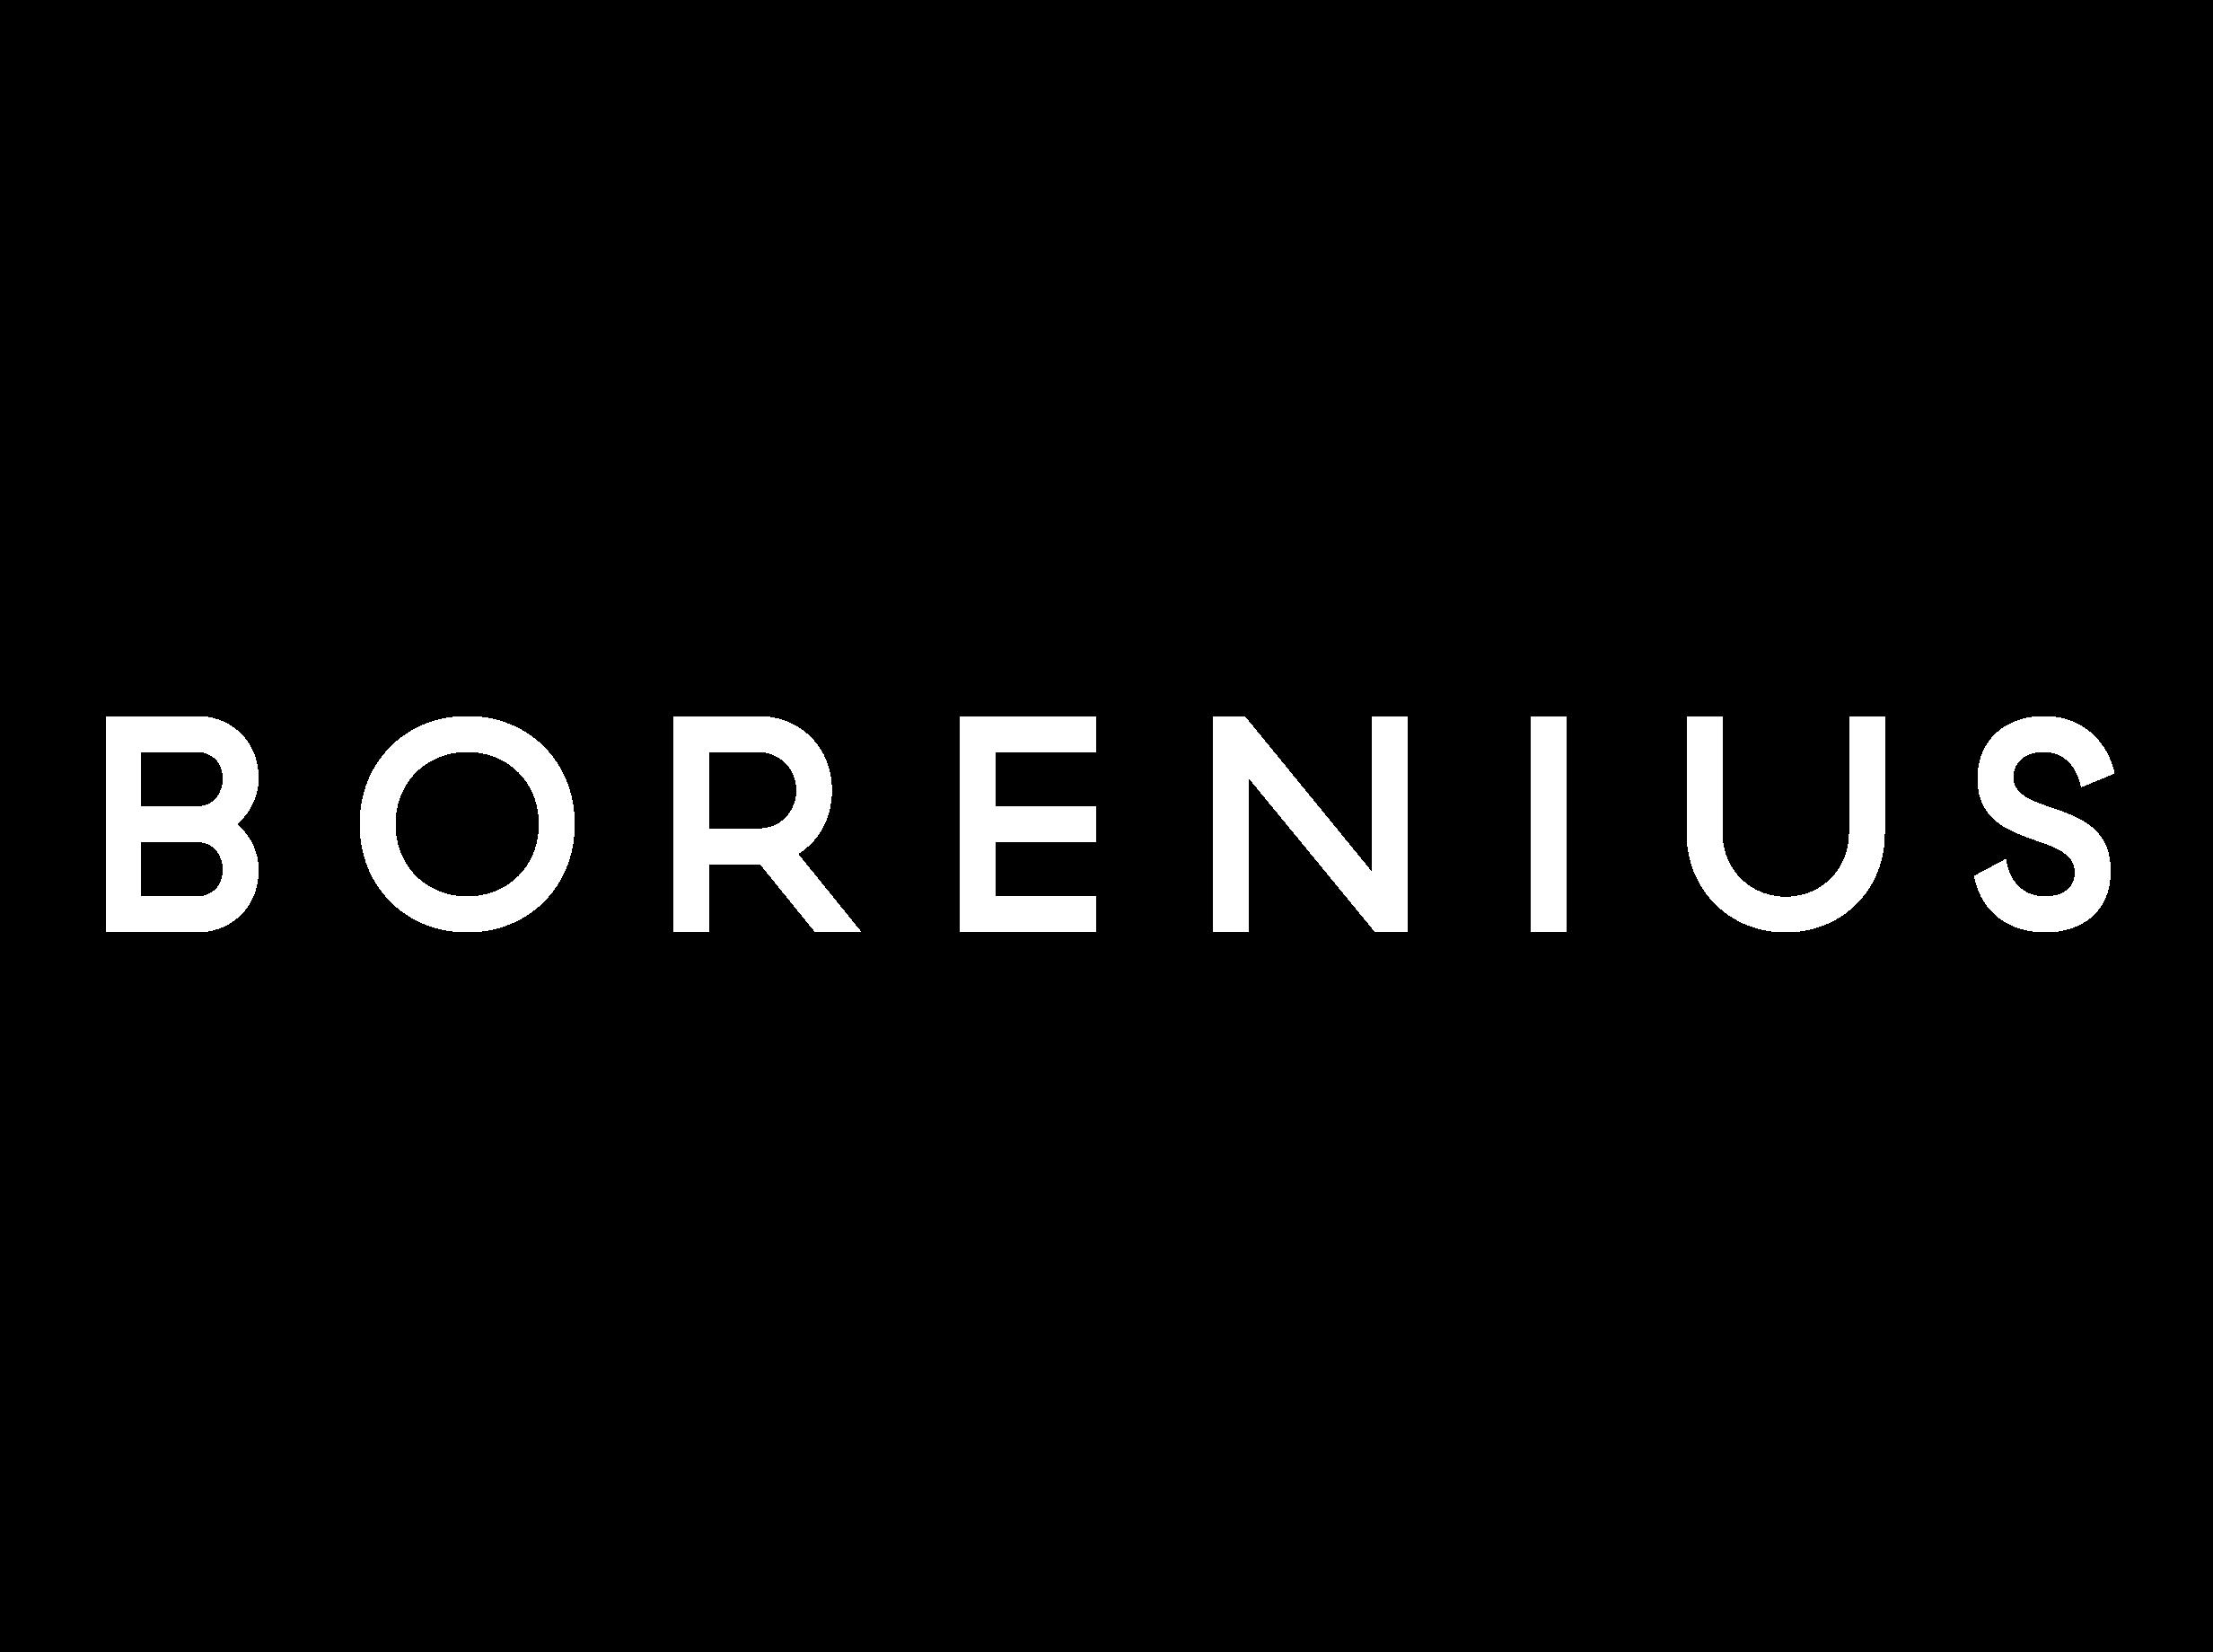 Borenius logo